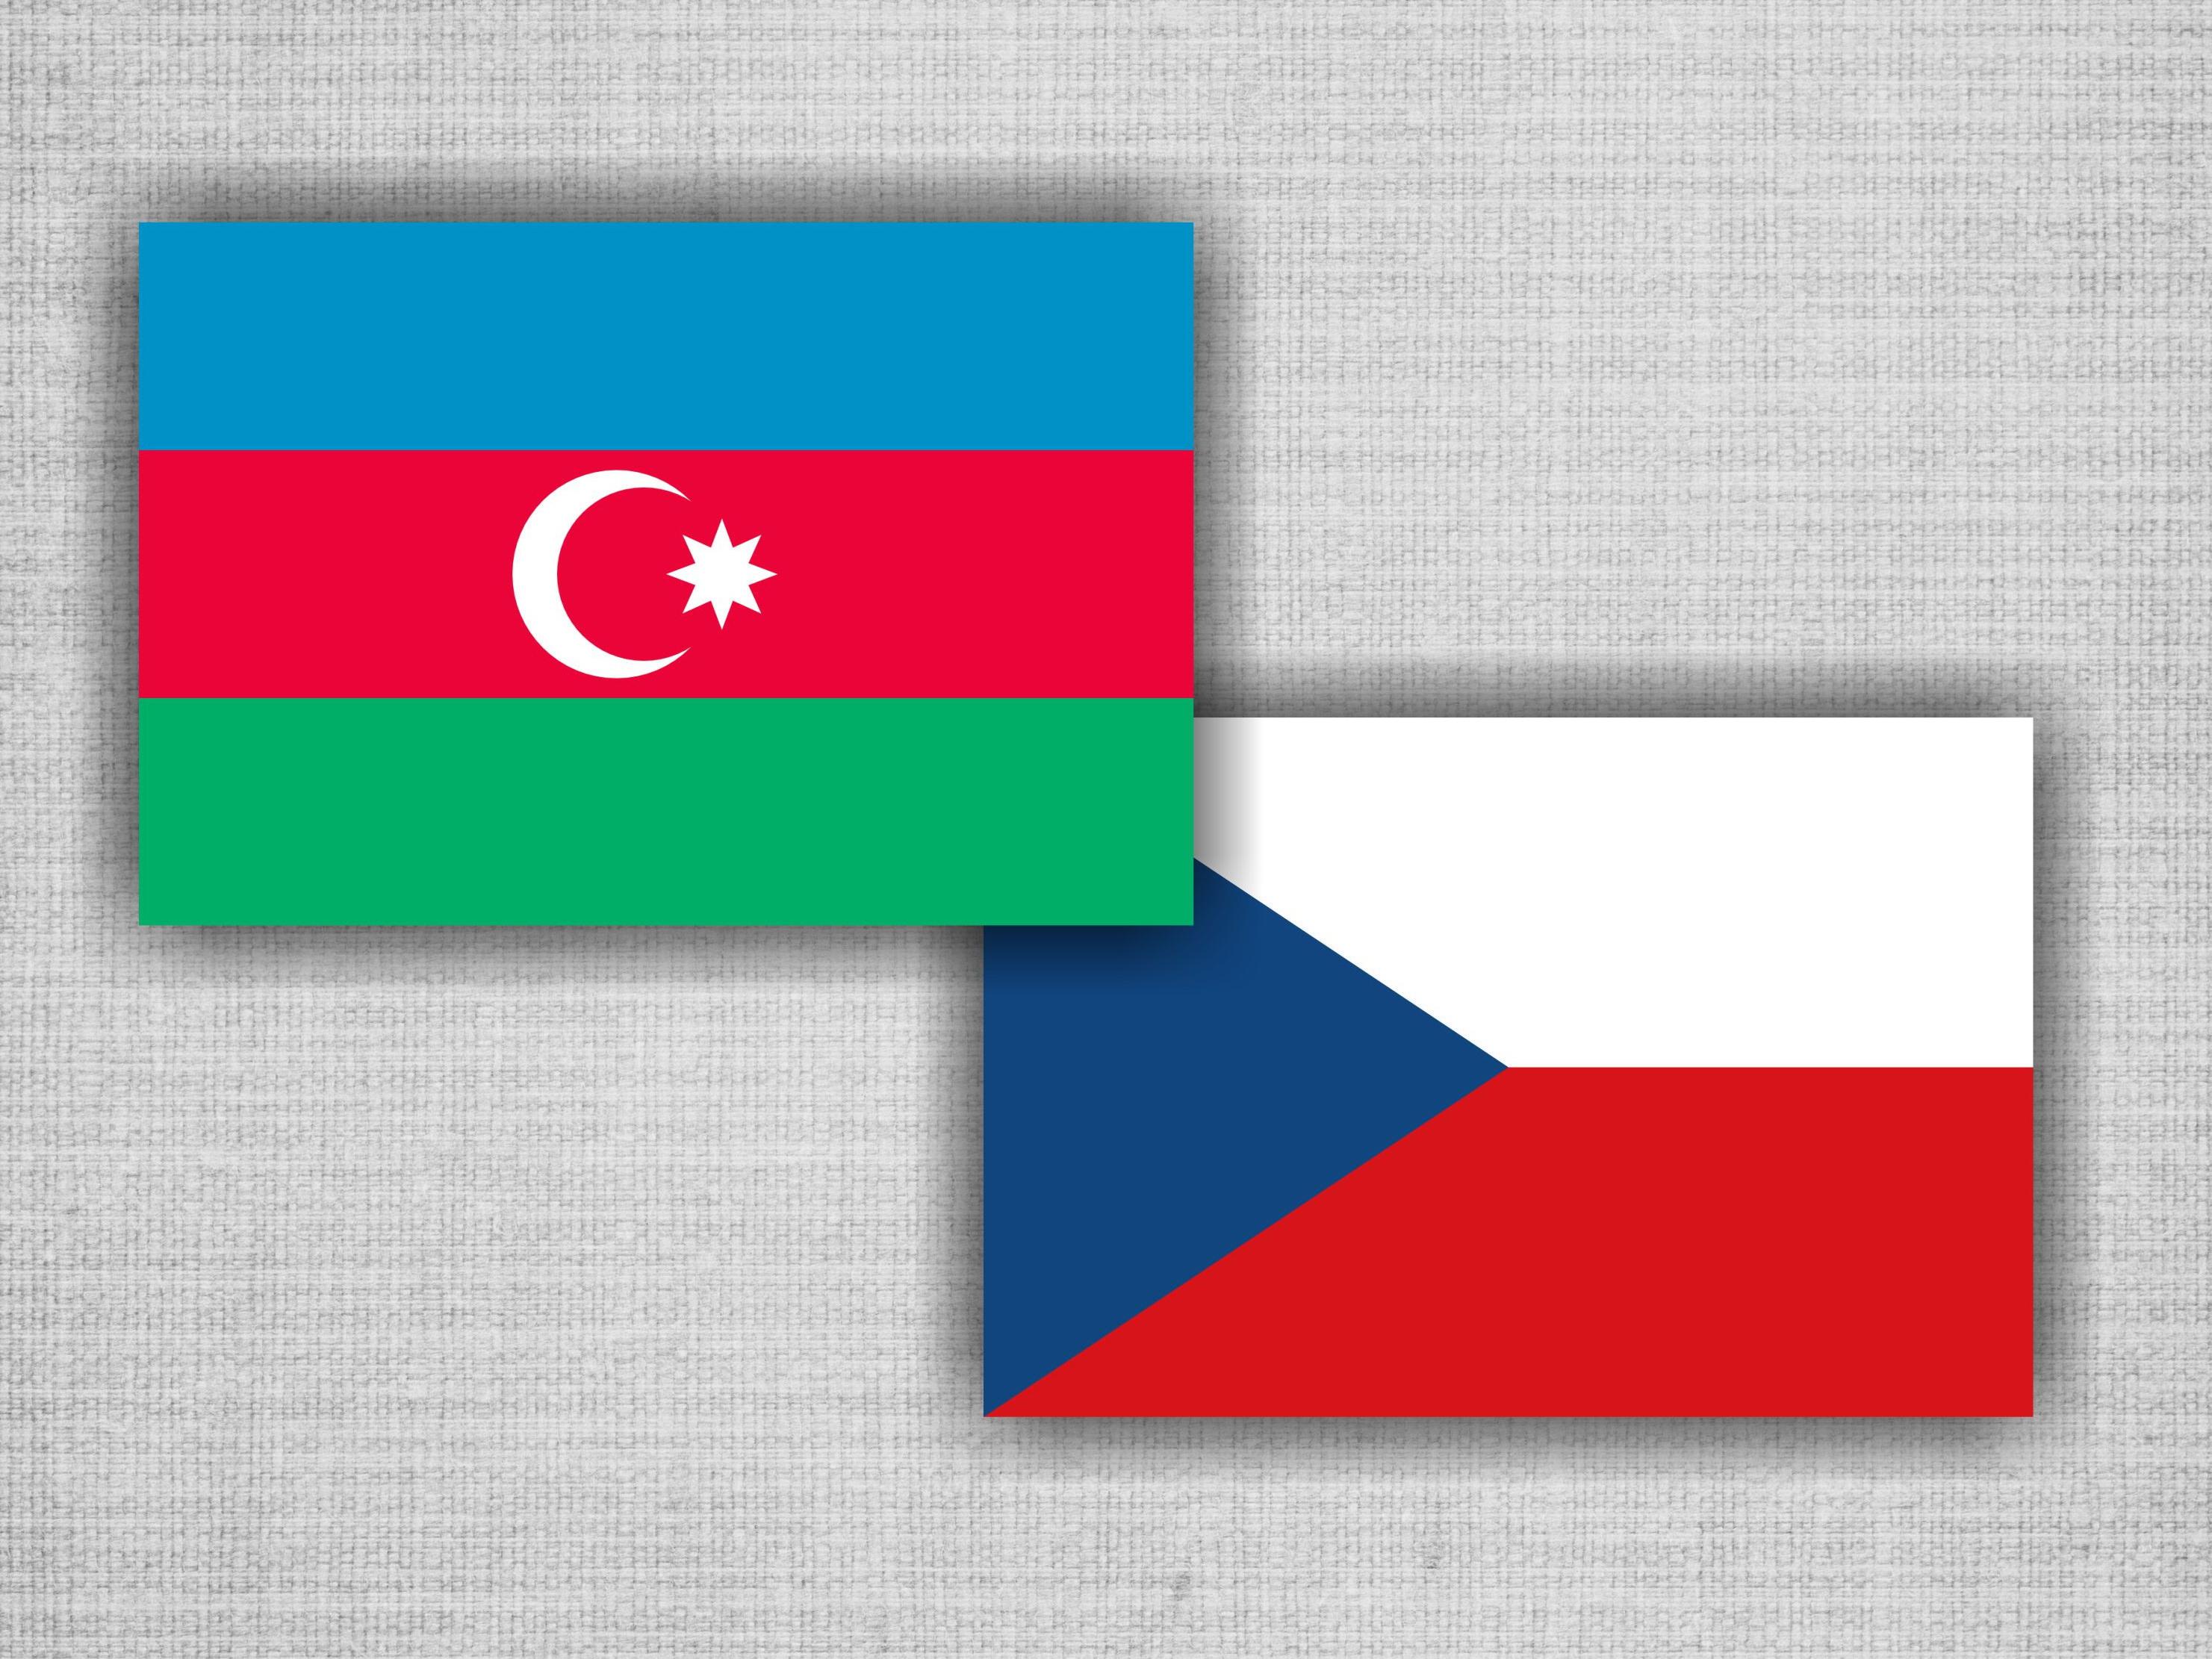 Азербайджан и Чехия обсудили развитие двустороннего сотрудничества